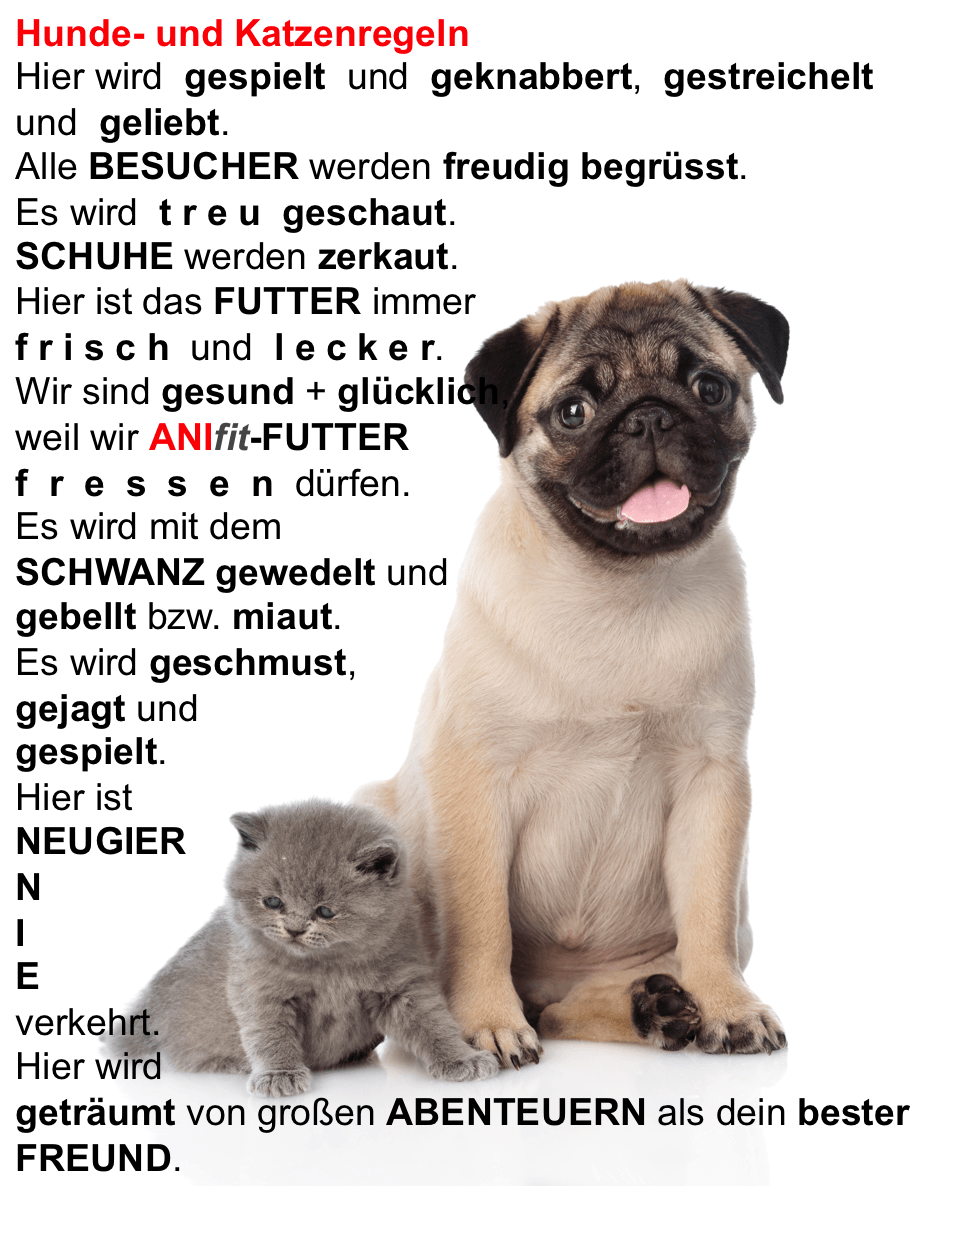 101 Hundesprüche